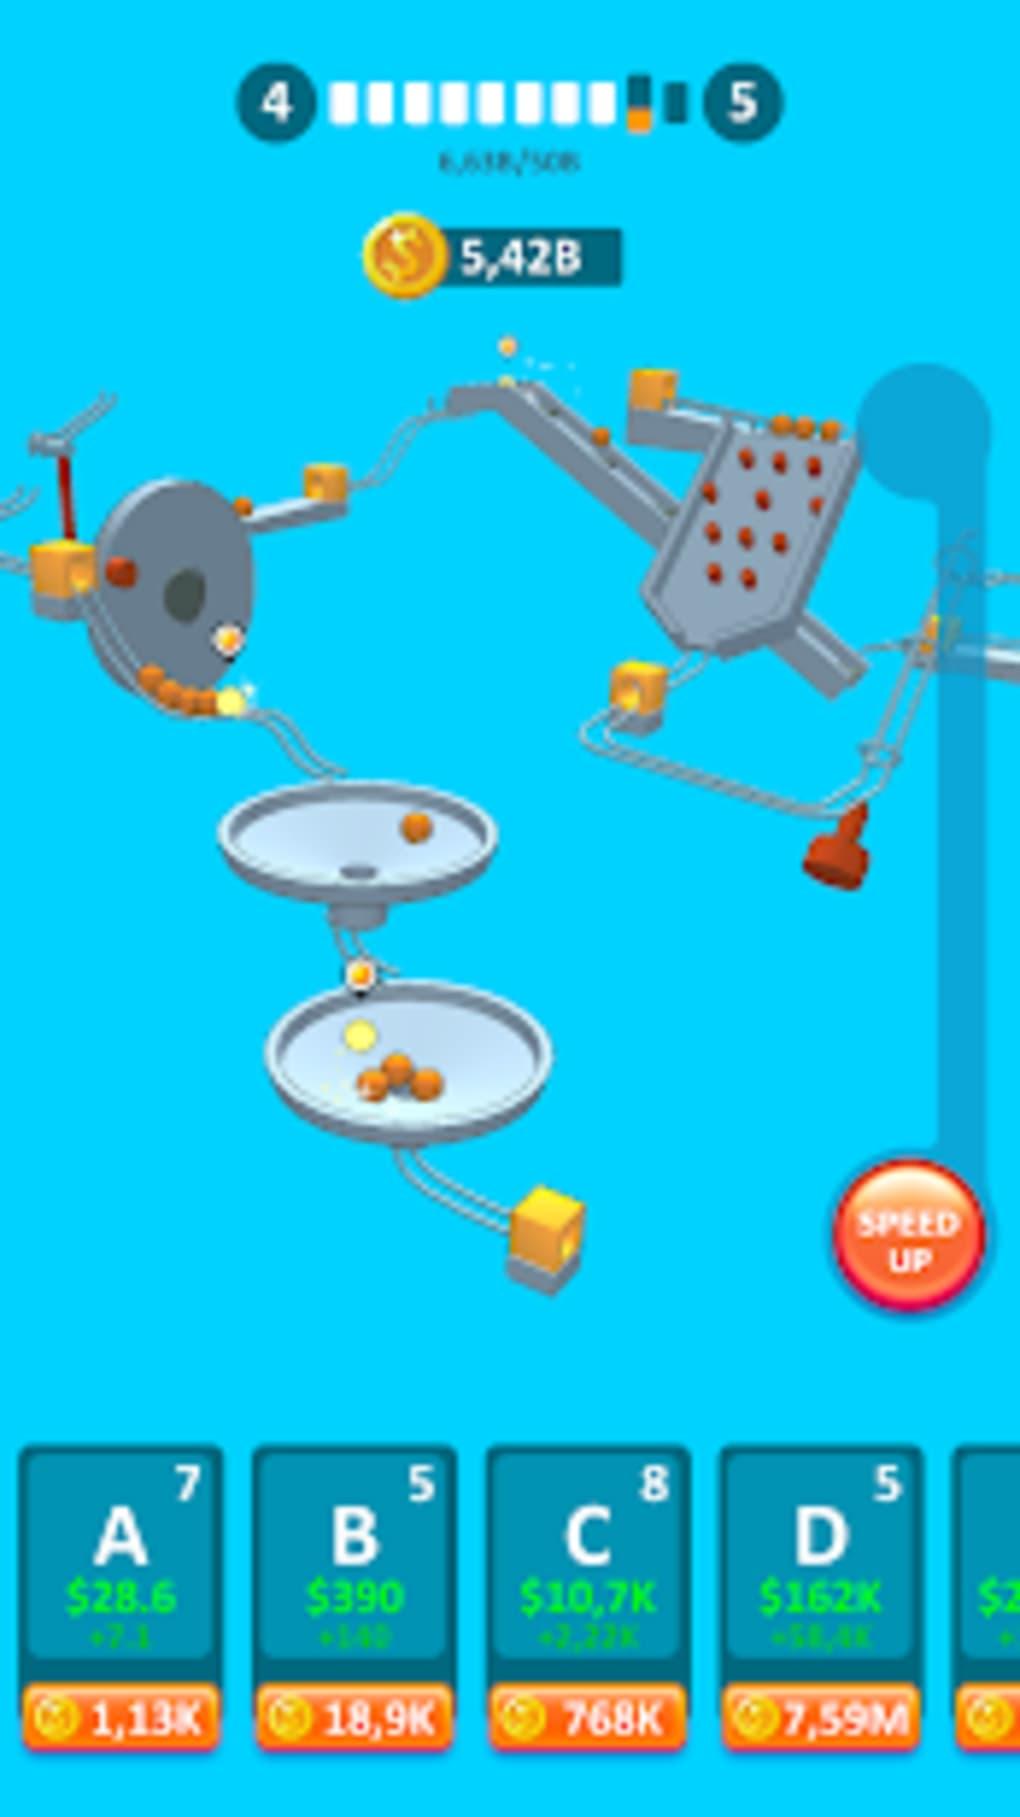 Physics Puzzle Idle Apk Pour Android - Télécharger avec Puzzle Gratuit A Telecharger Pour Tablette